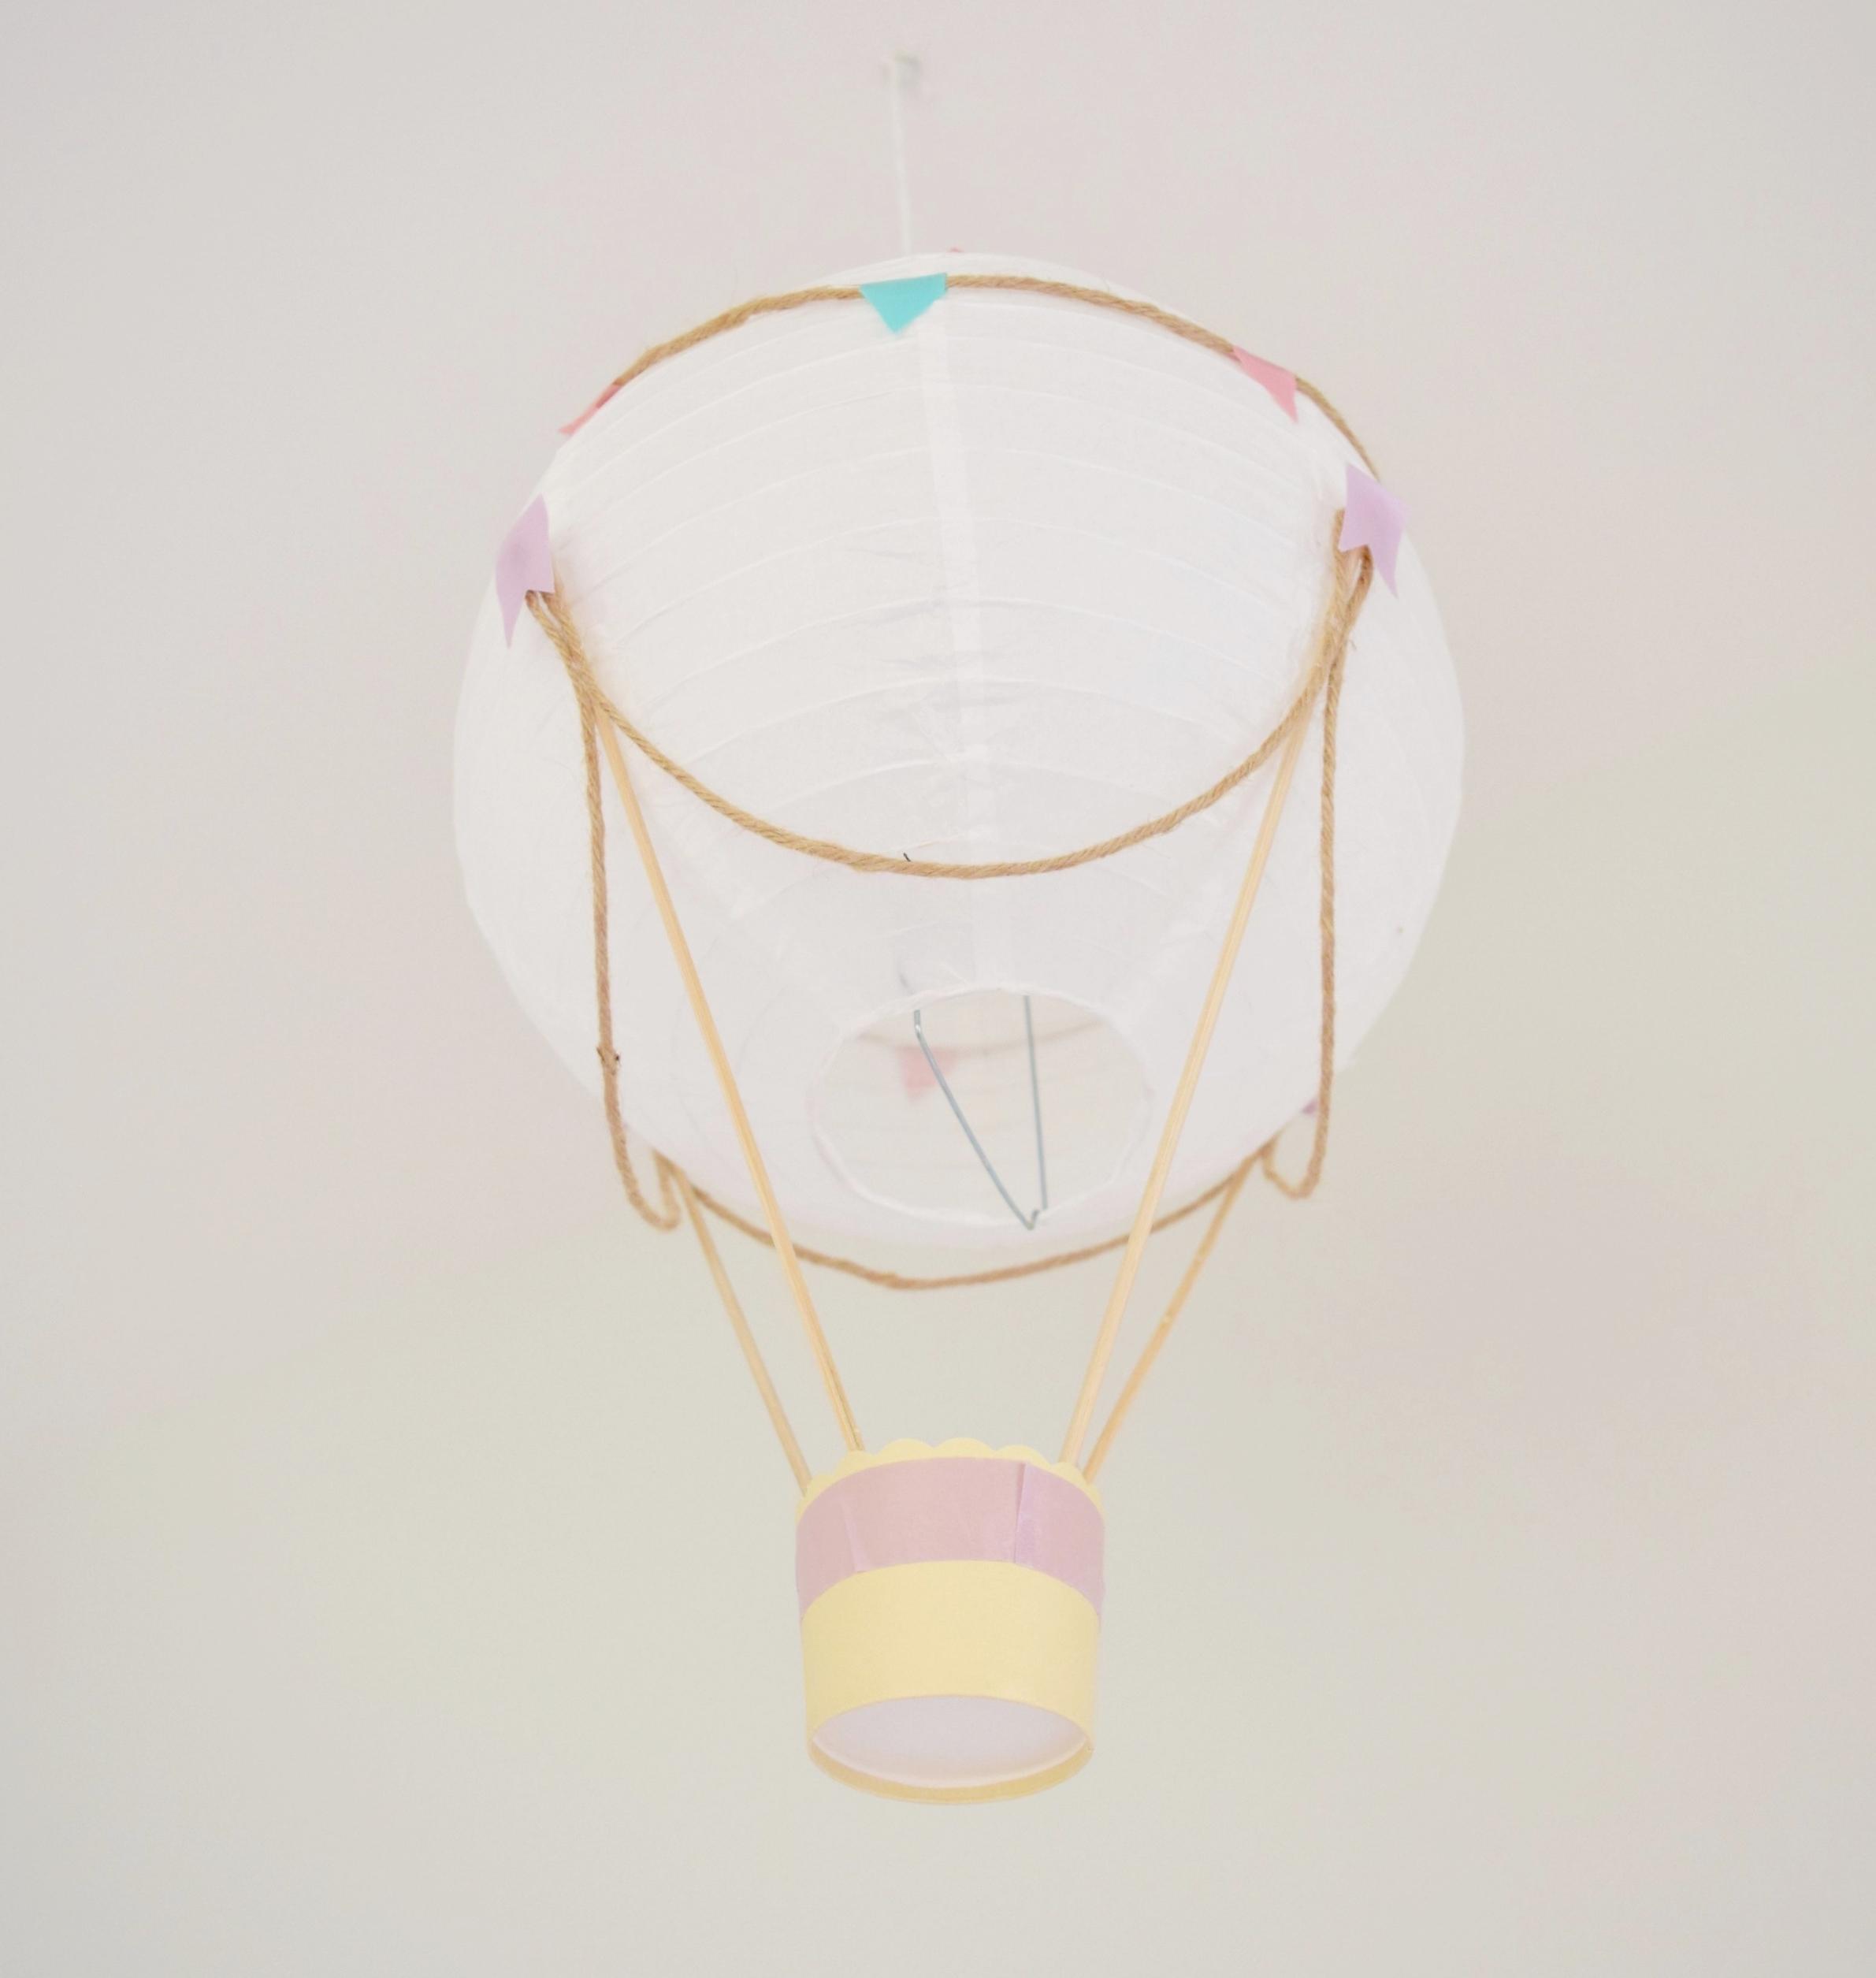 Hot air balloon!